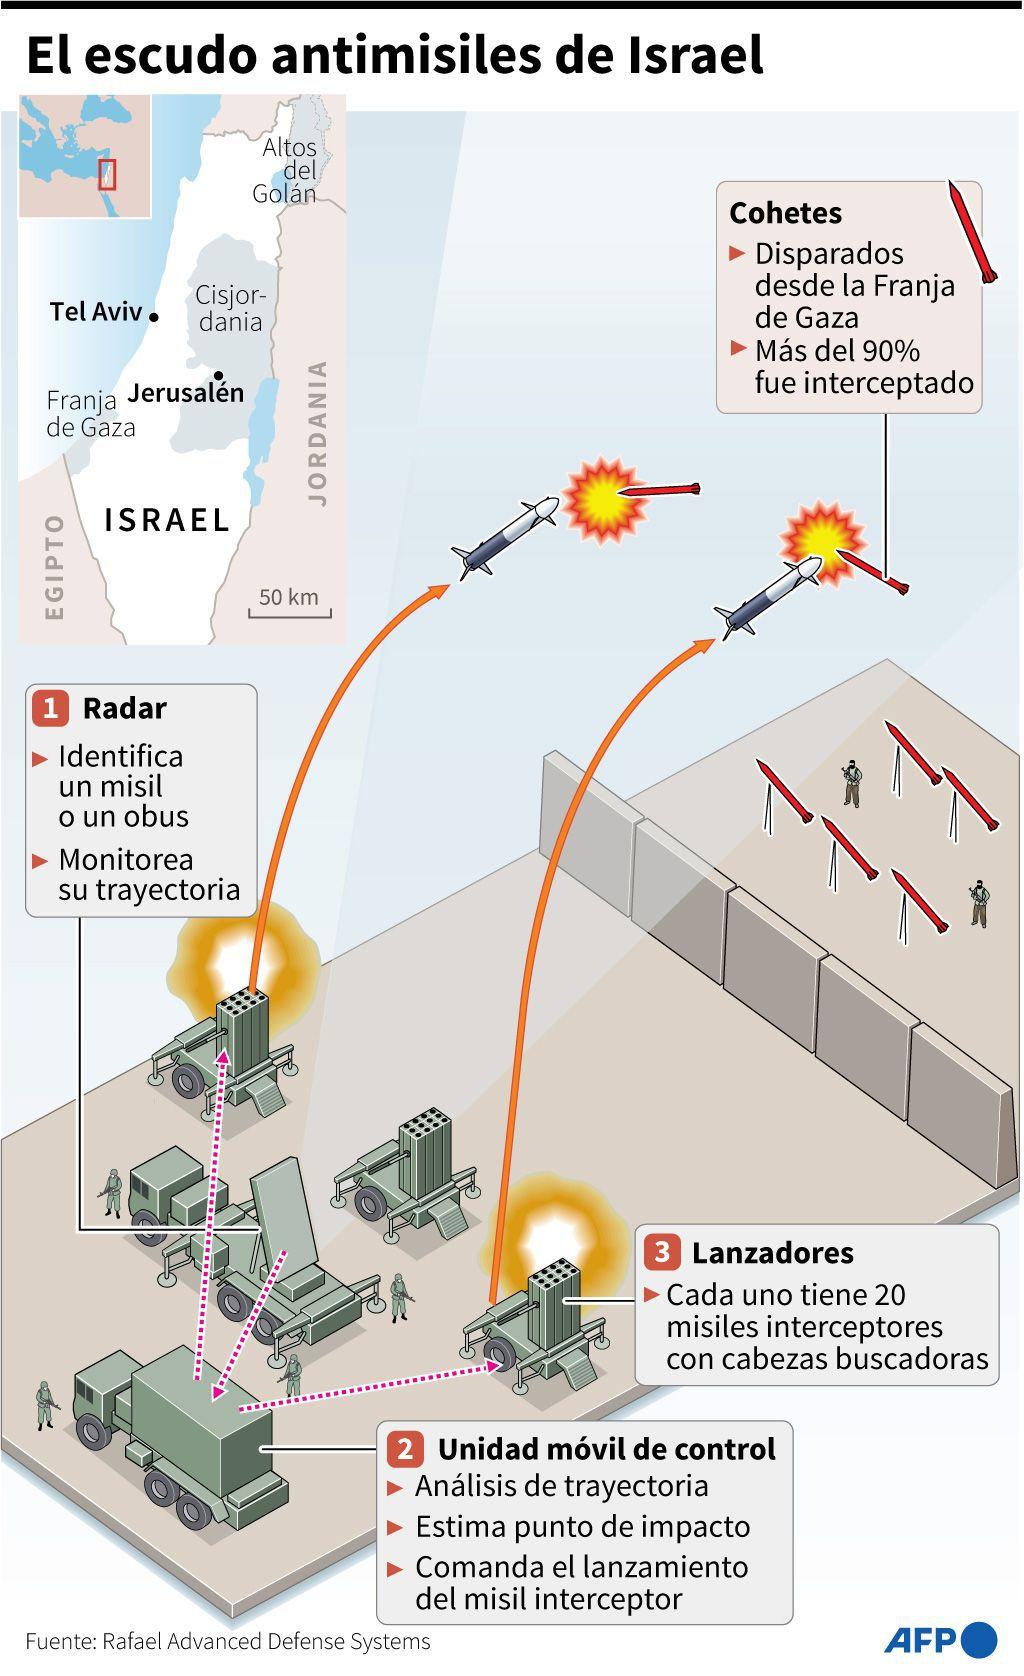 El escudo antimisiles de Israel. (AFP).